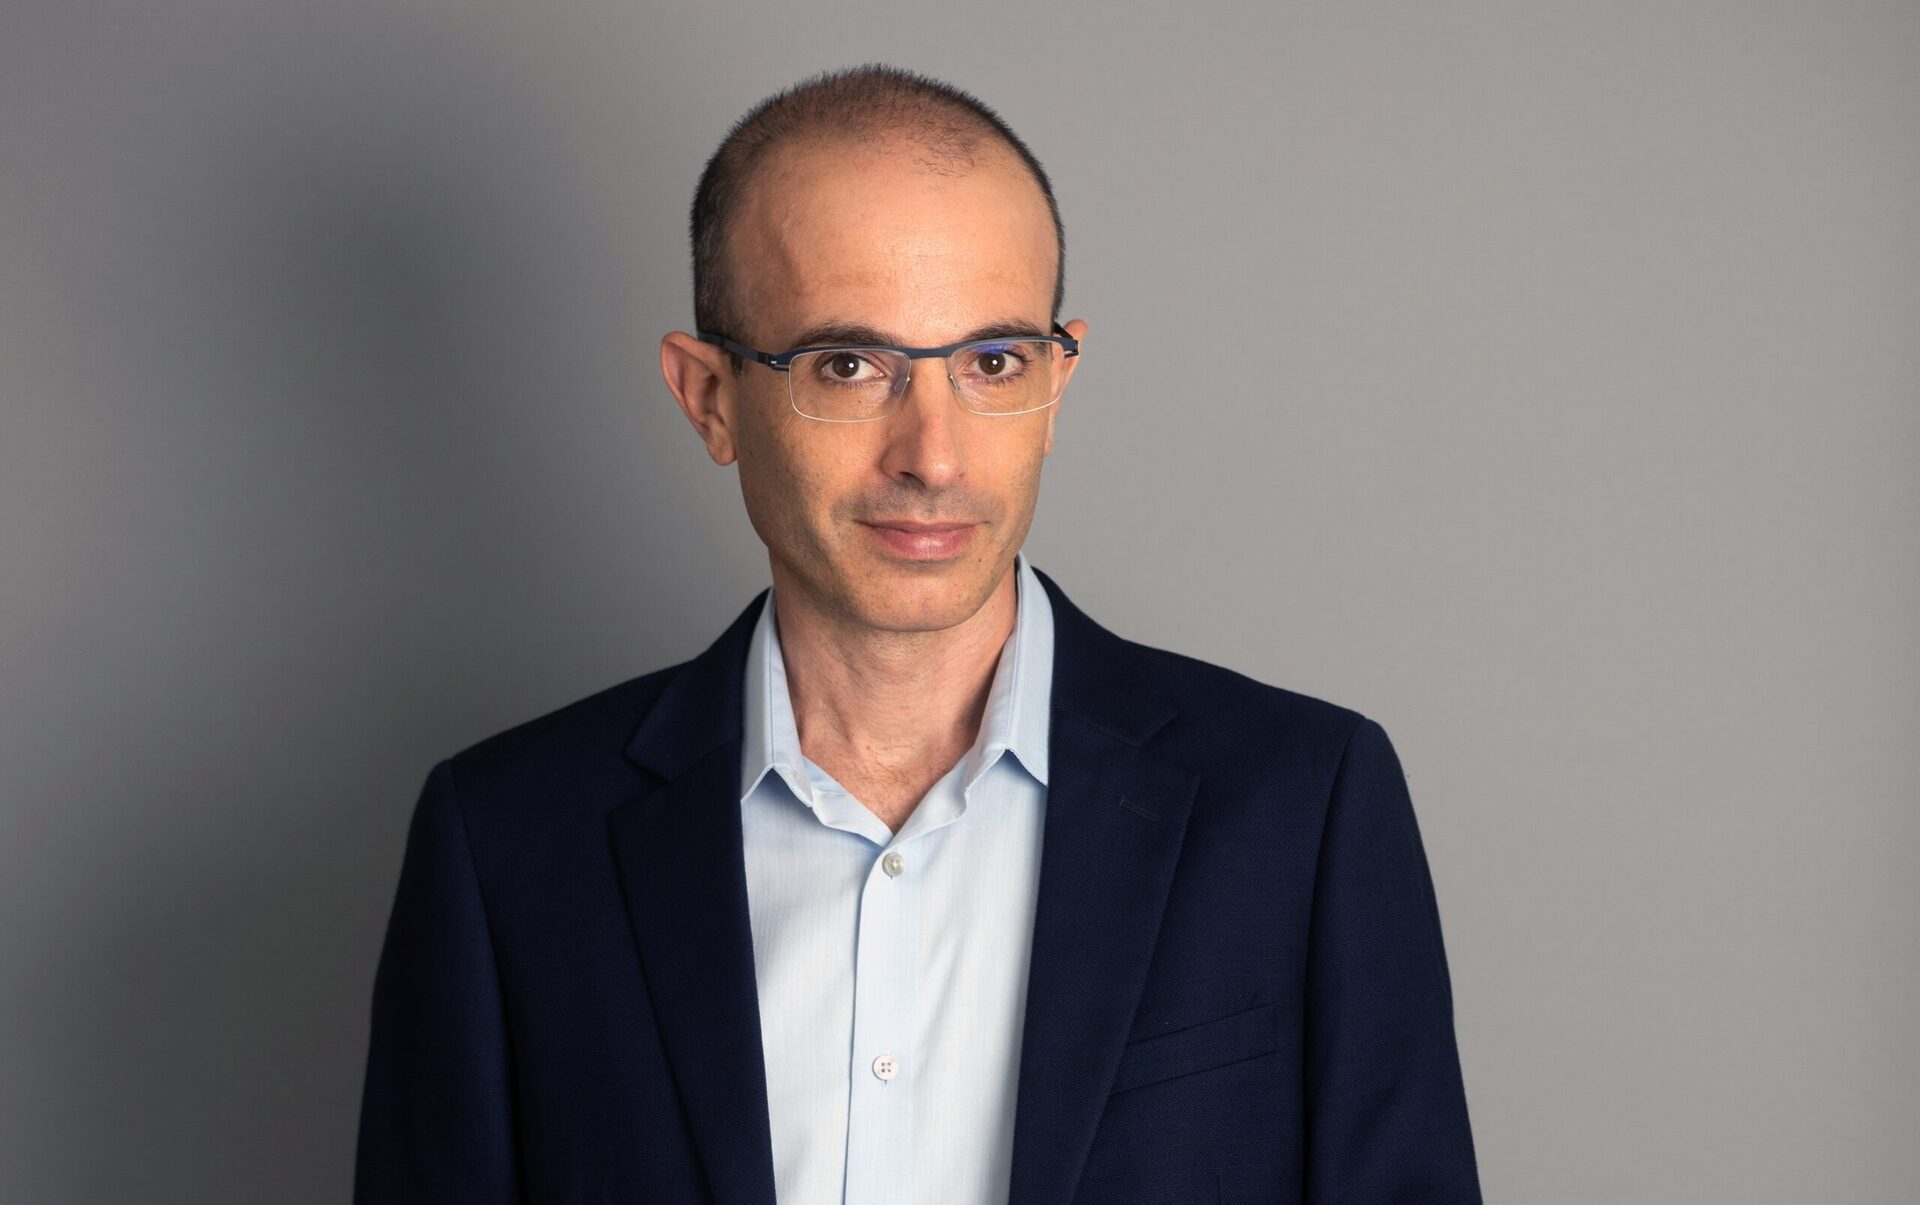 """""""O historiador e filósofo Yuval Harari, autor do best-seller """"Sapiens: Uma Breve História da Humanidade"""", é um dos destaques do Expert ESG"""